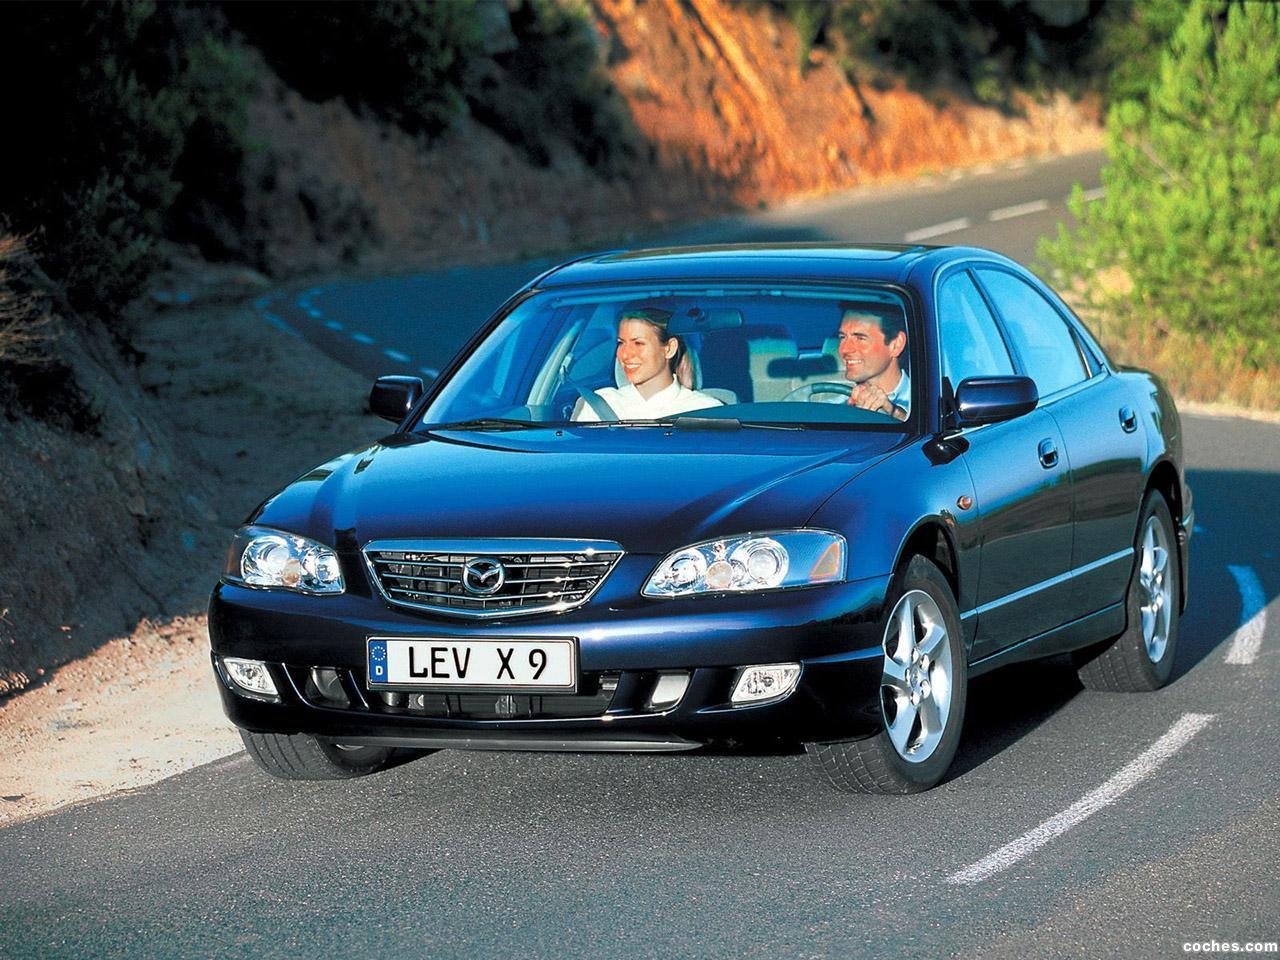 Foto 0 de Mazda Xedos 9 2000